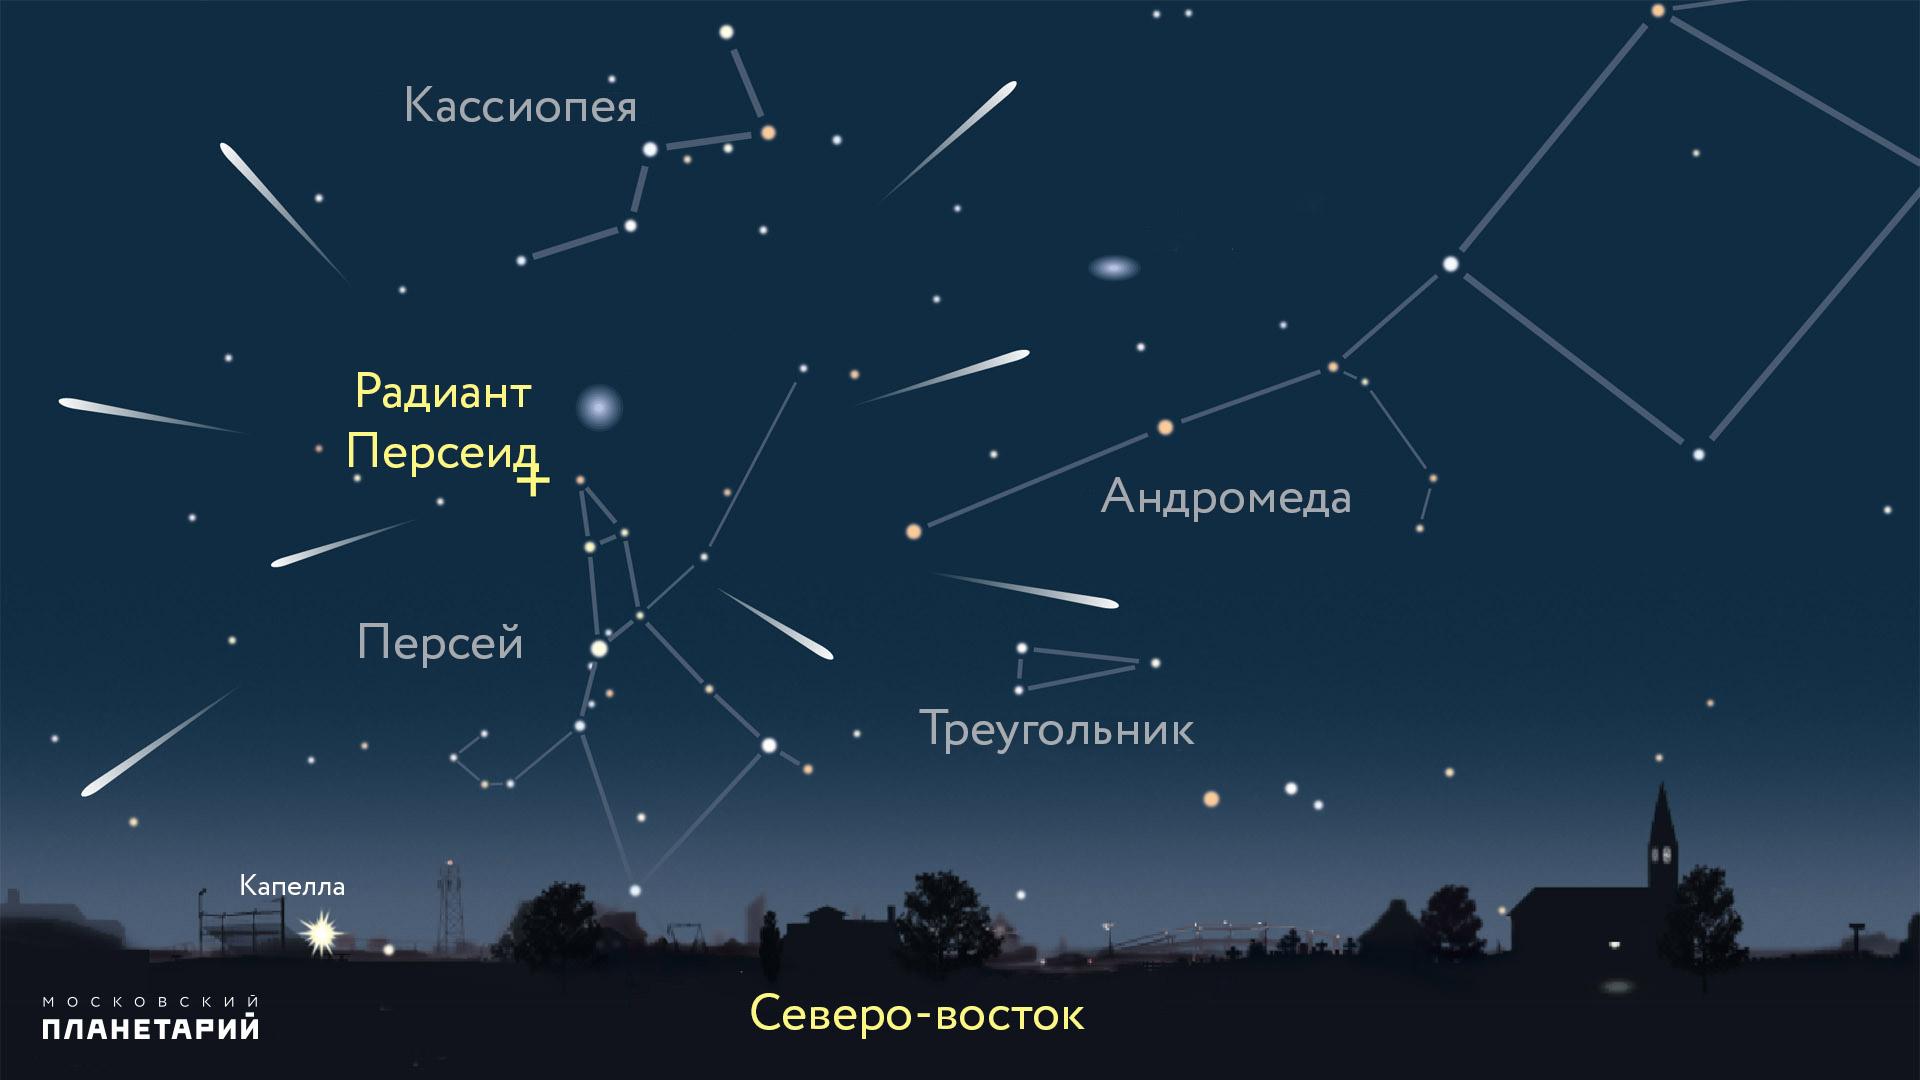 Августовский звездопад: когда, где икак смотреть